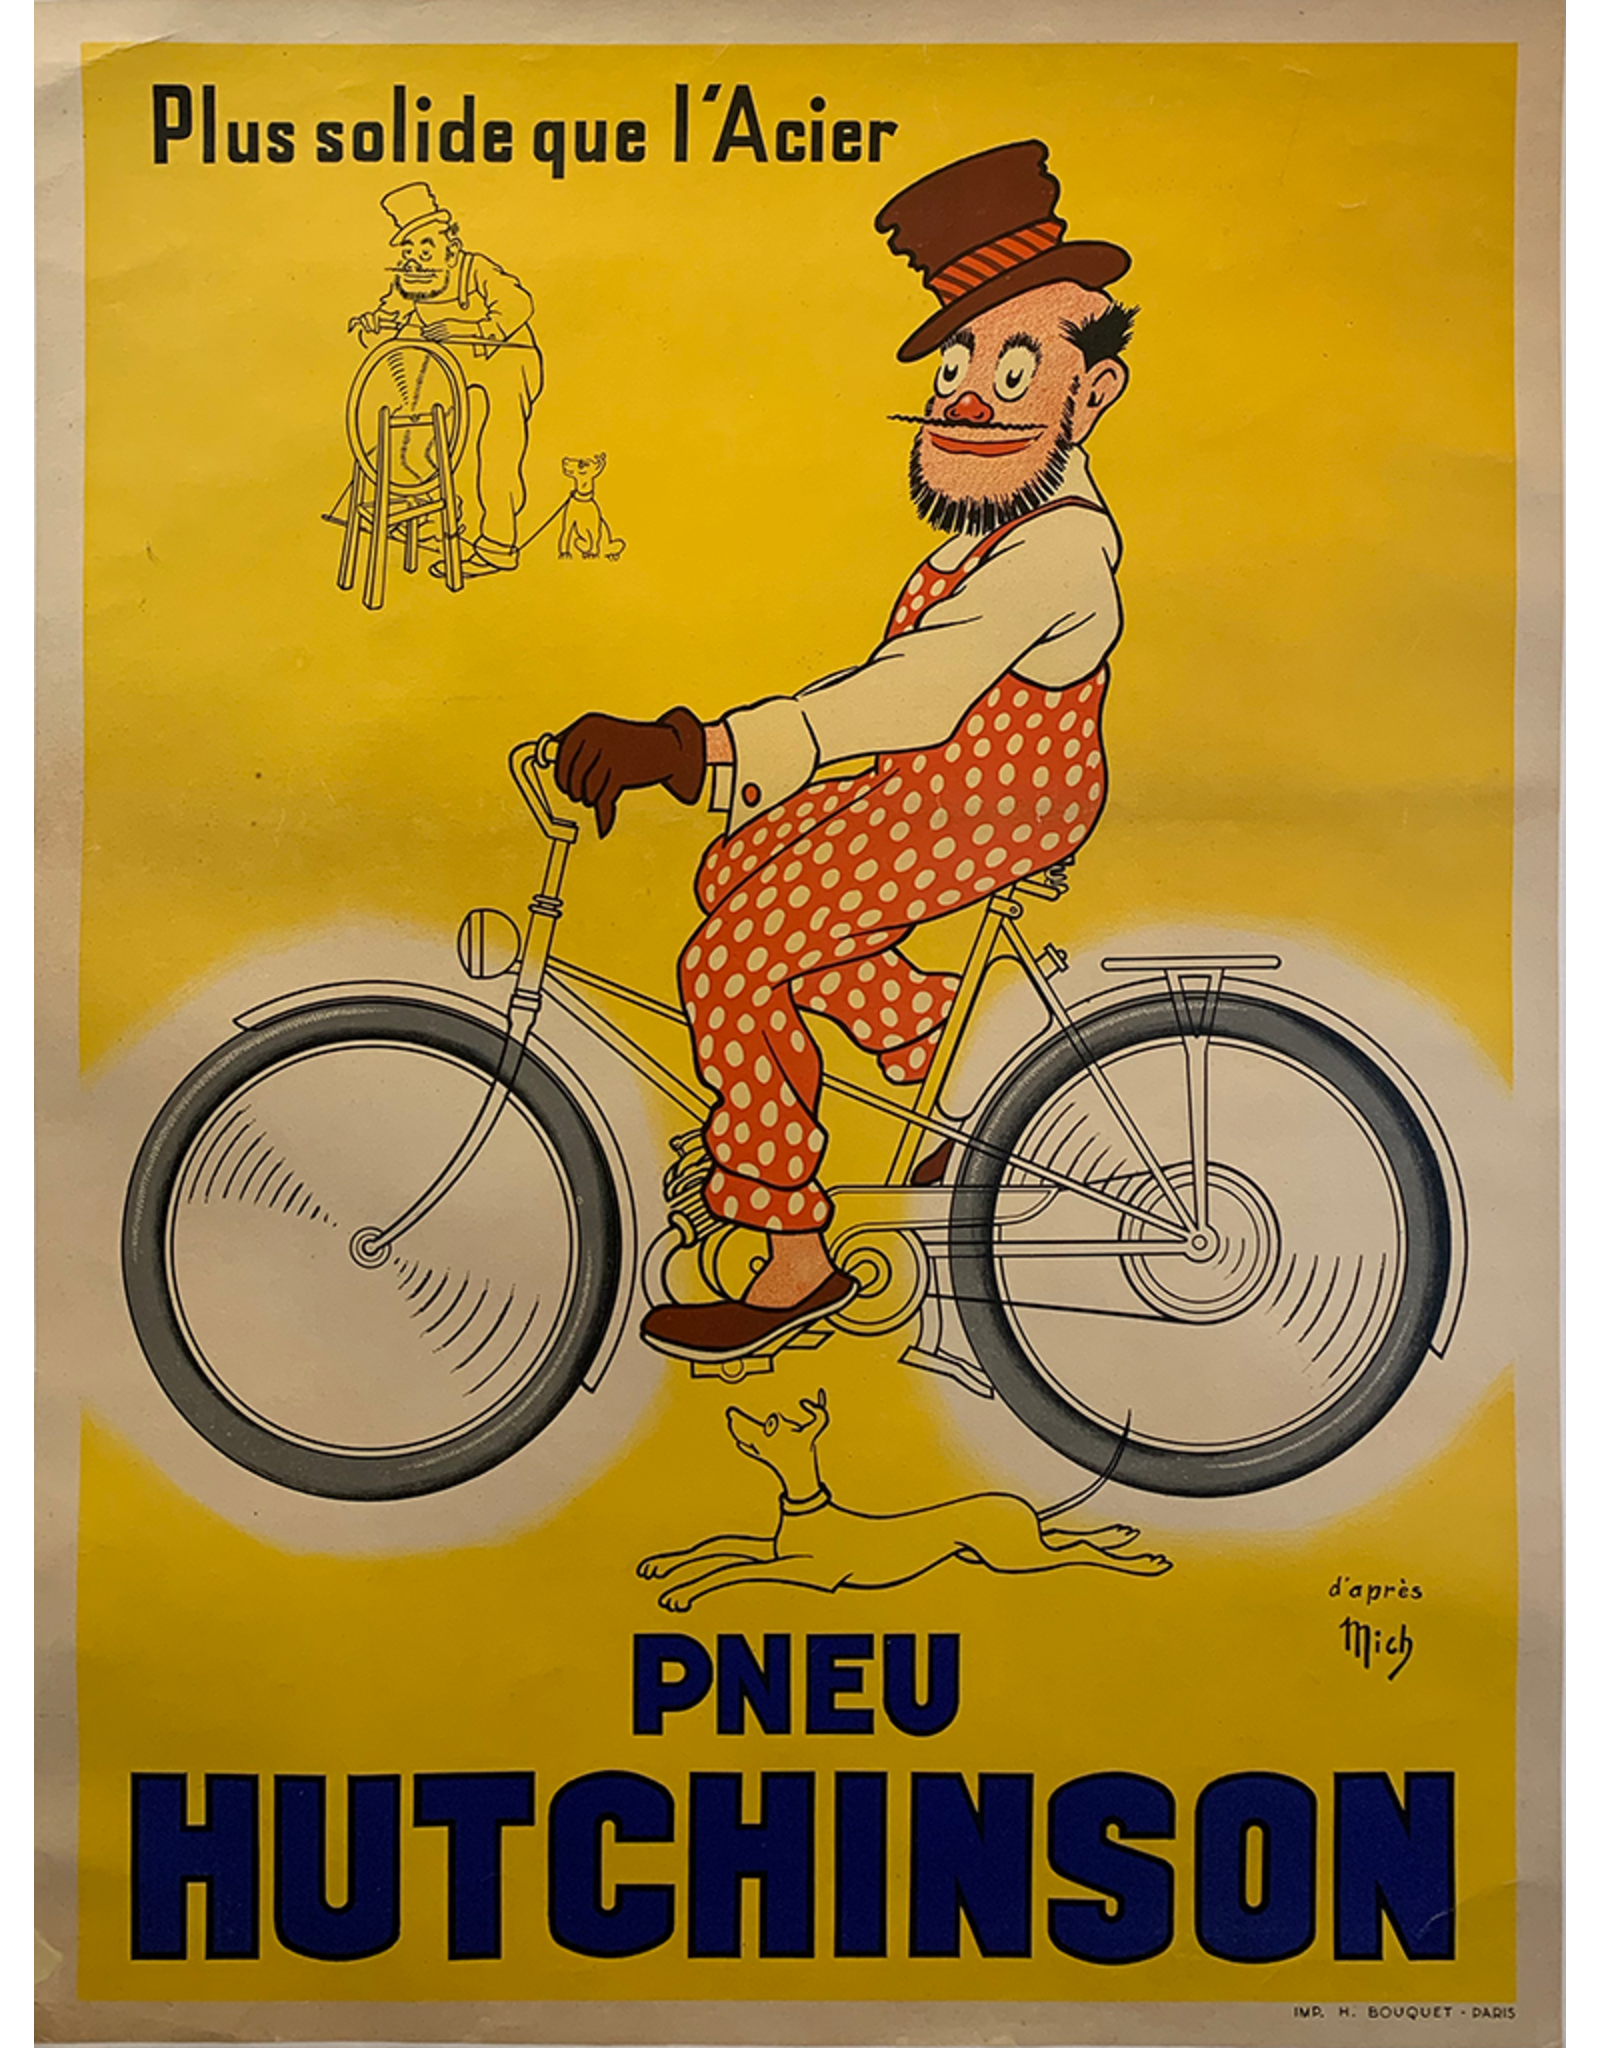 SPV Pneu Hutchinson, 1920